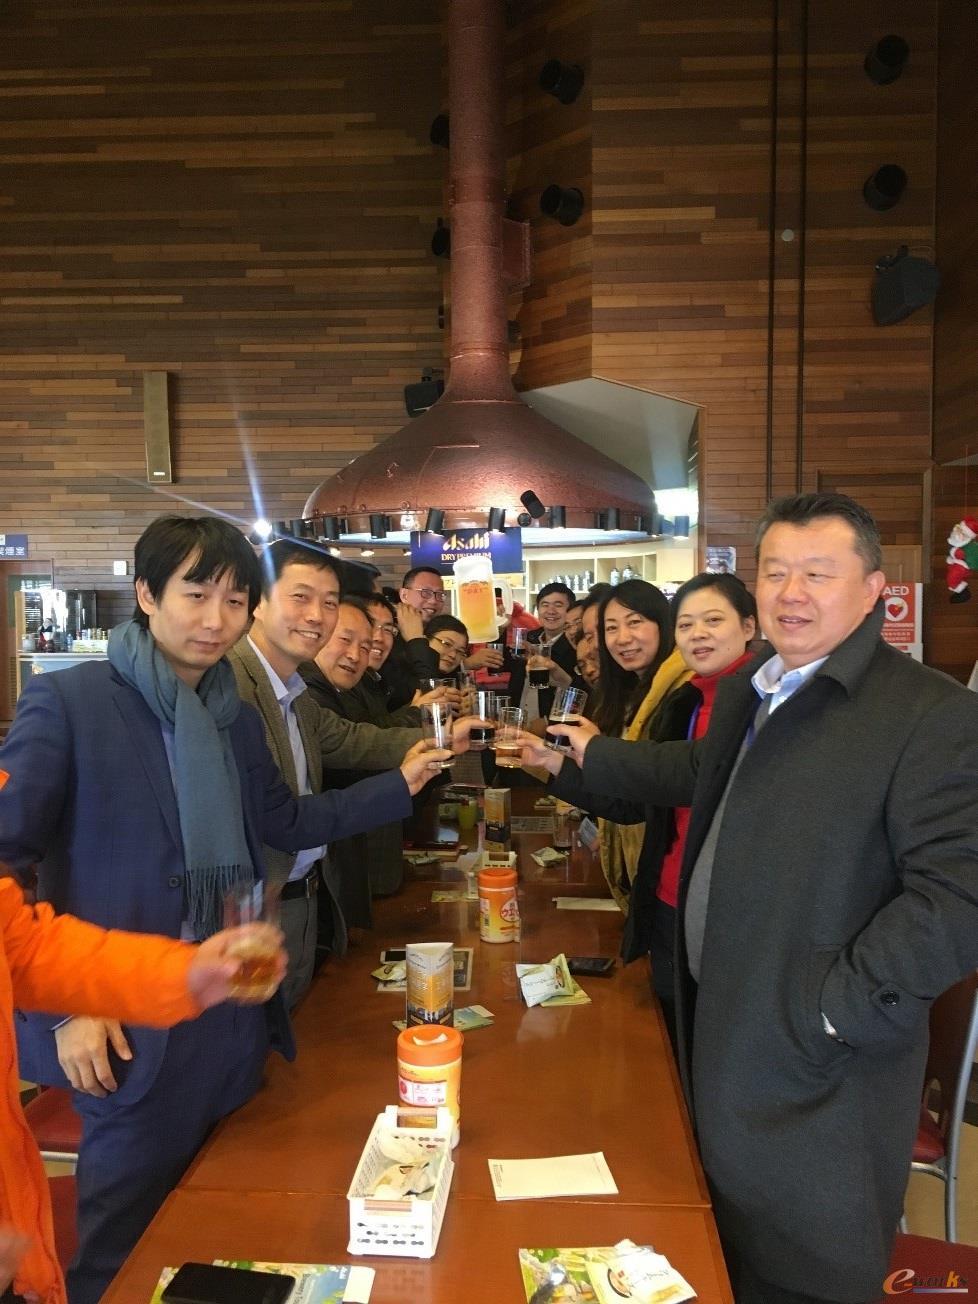 考察团成员畅饮朝日啤酒